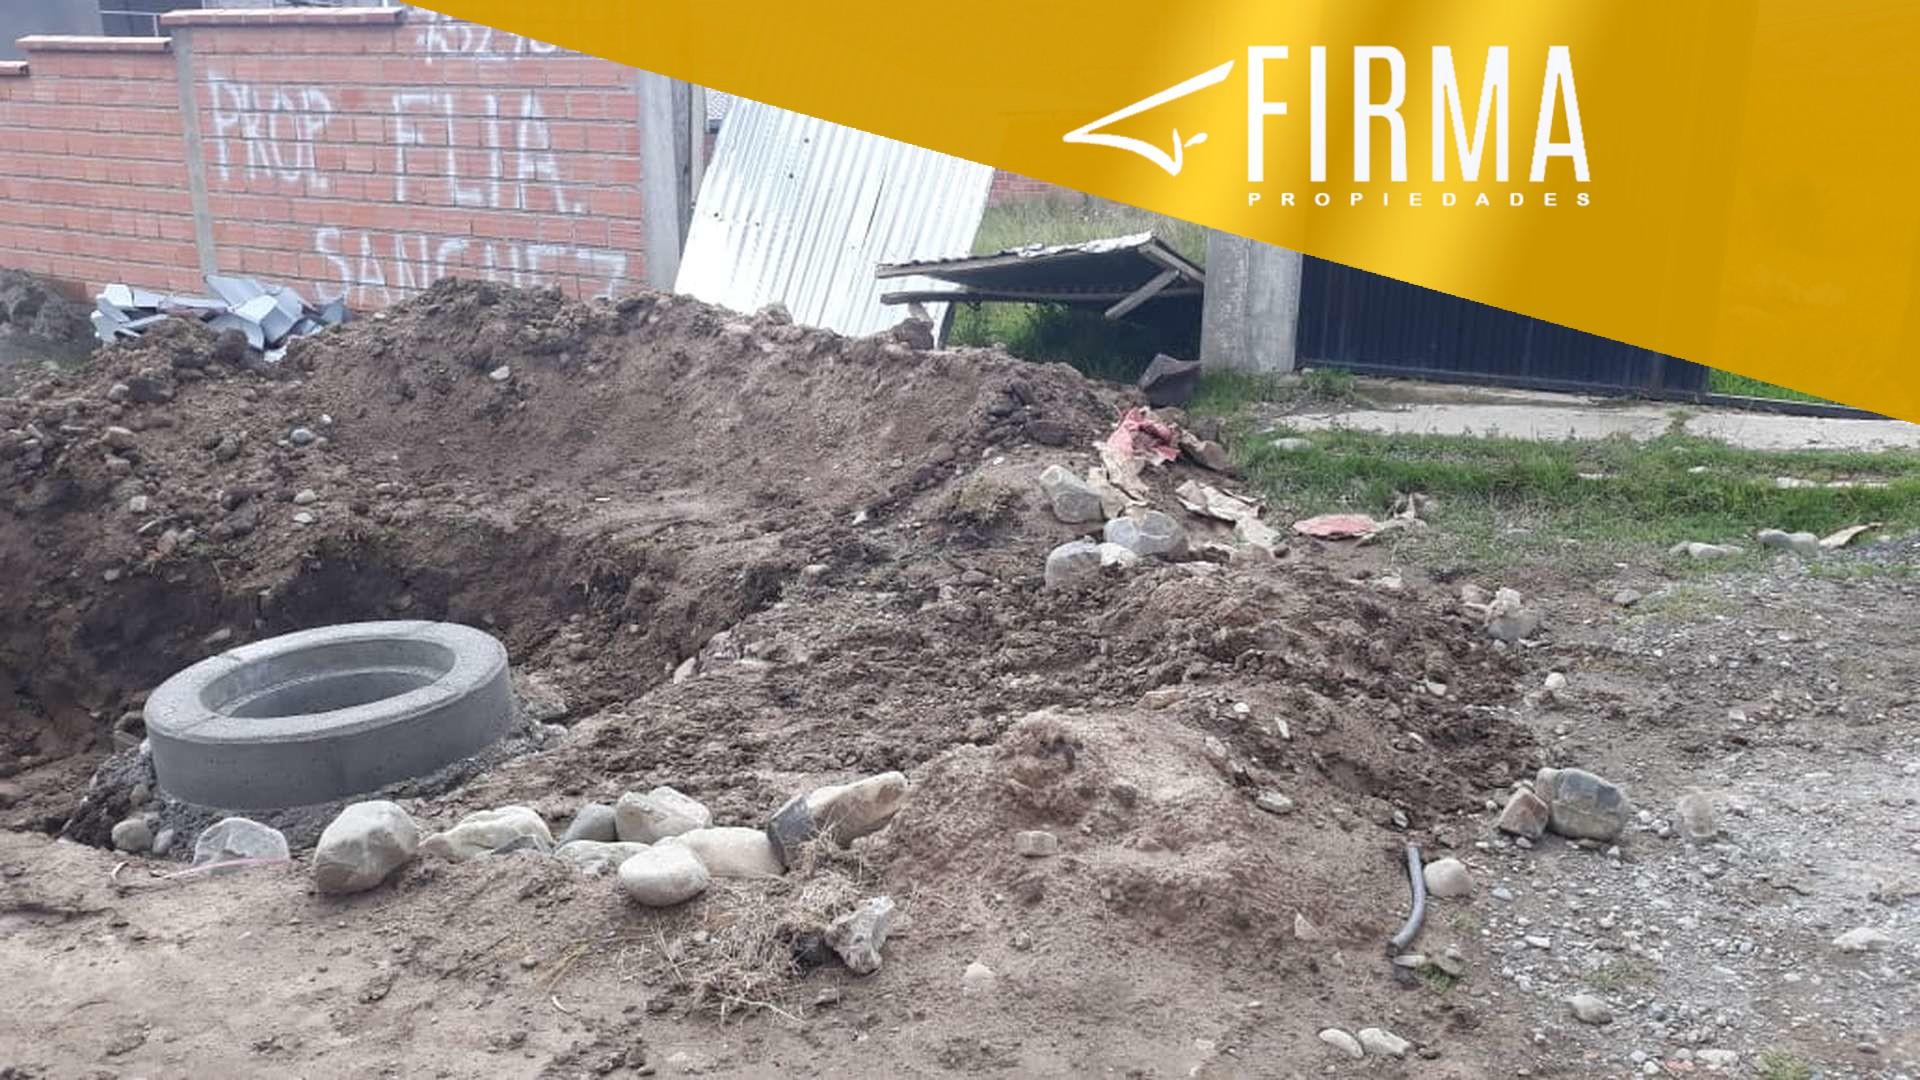 Terreno en Venta FTV46392 – COMPRA TU TERRENO EN ACHUMANI, CIUDADELA STRONGUISTA Foto 3